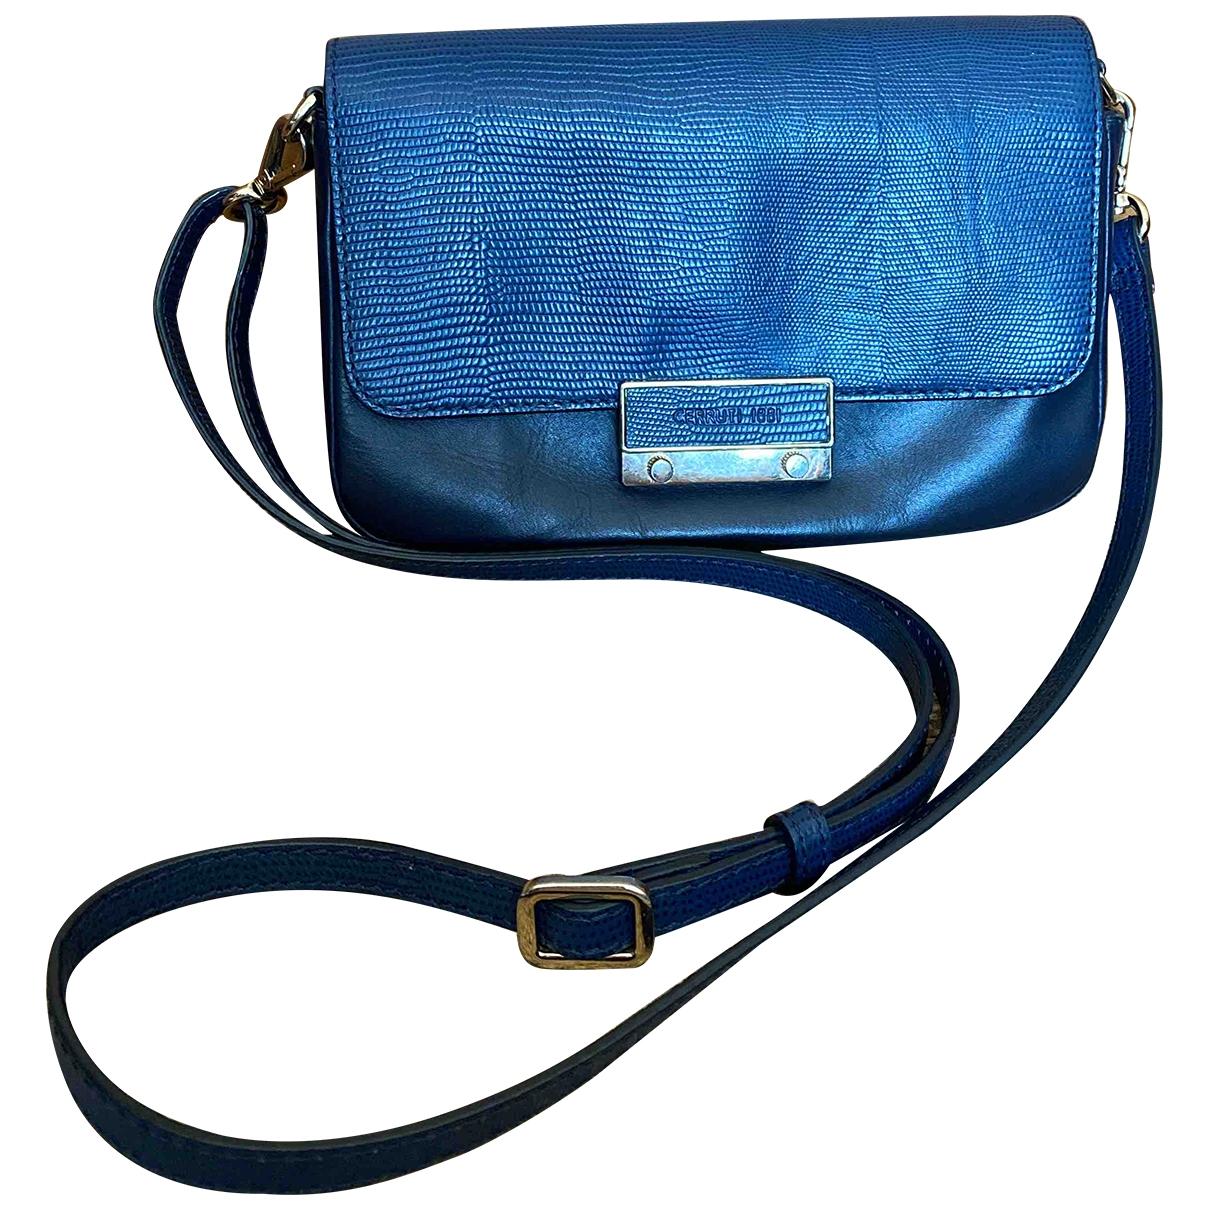 Cerruti \N Clutch in  Blau Leder